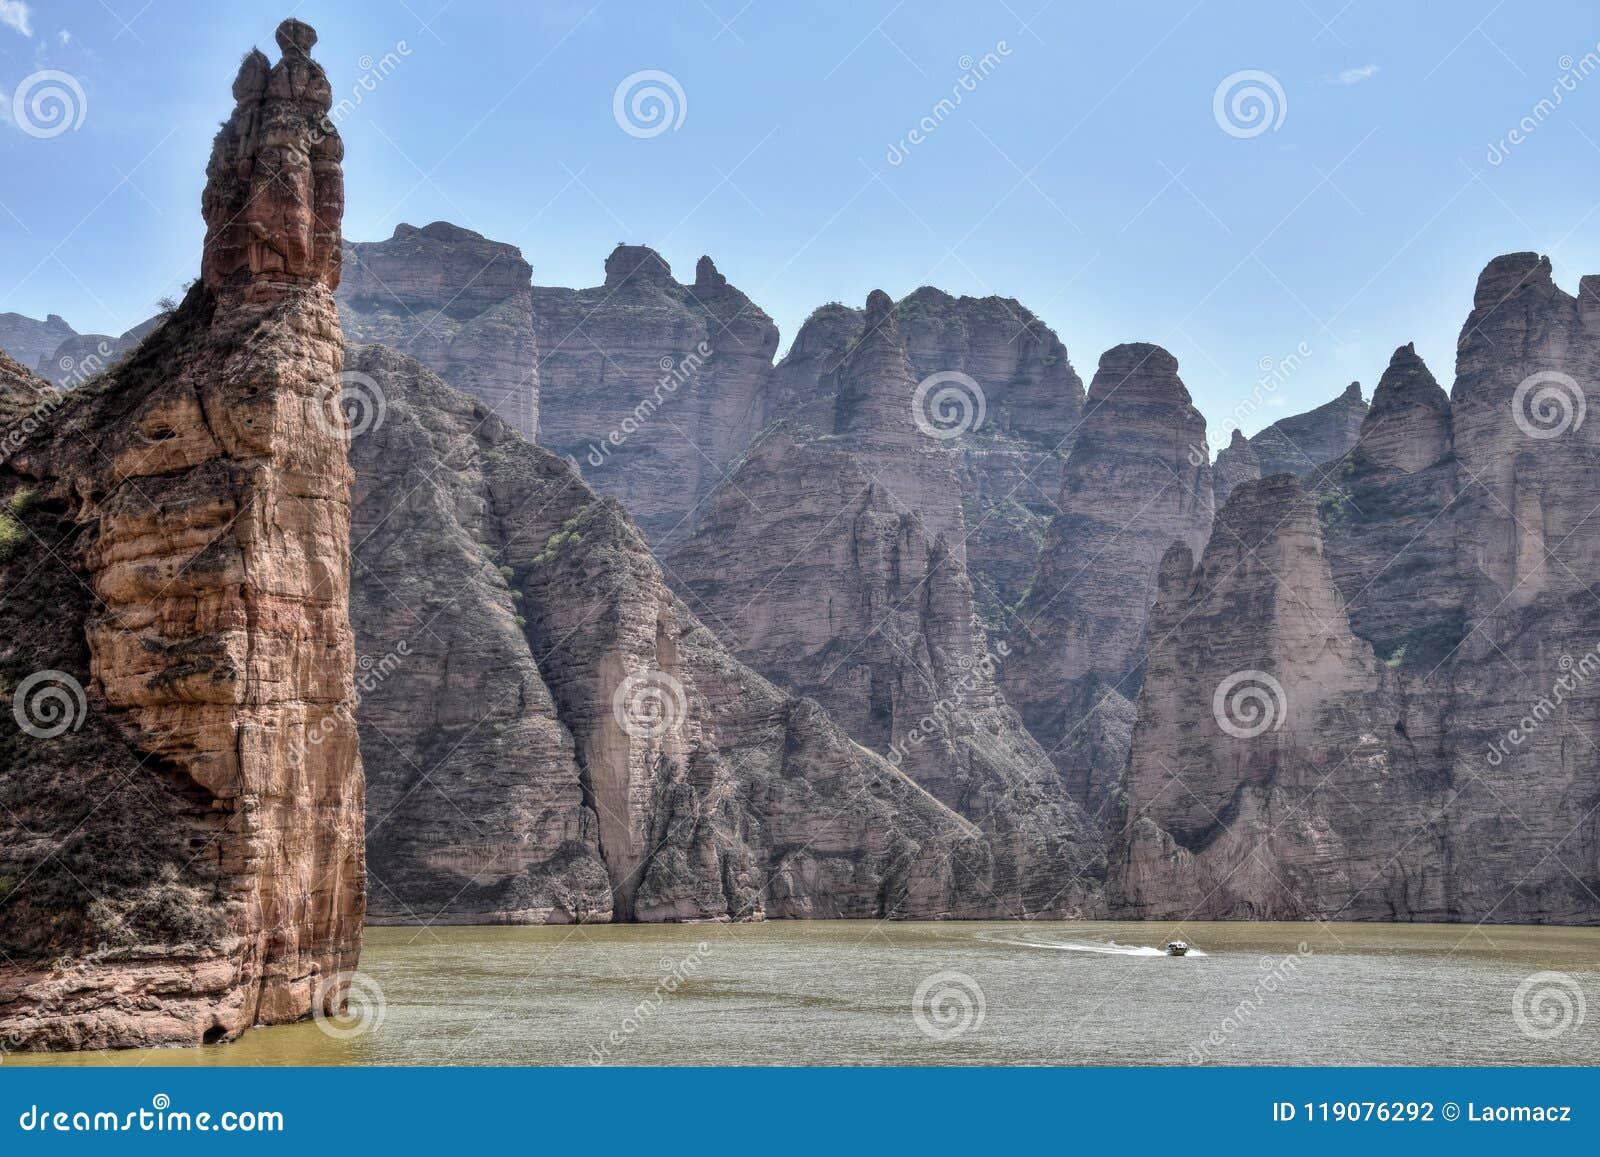 Barrage de Liujiaxia près de la caverne de Bingling avec de grandes formations de roche le long de la rivière Yellow,